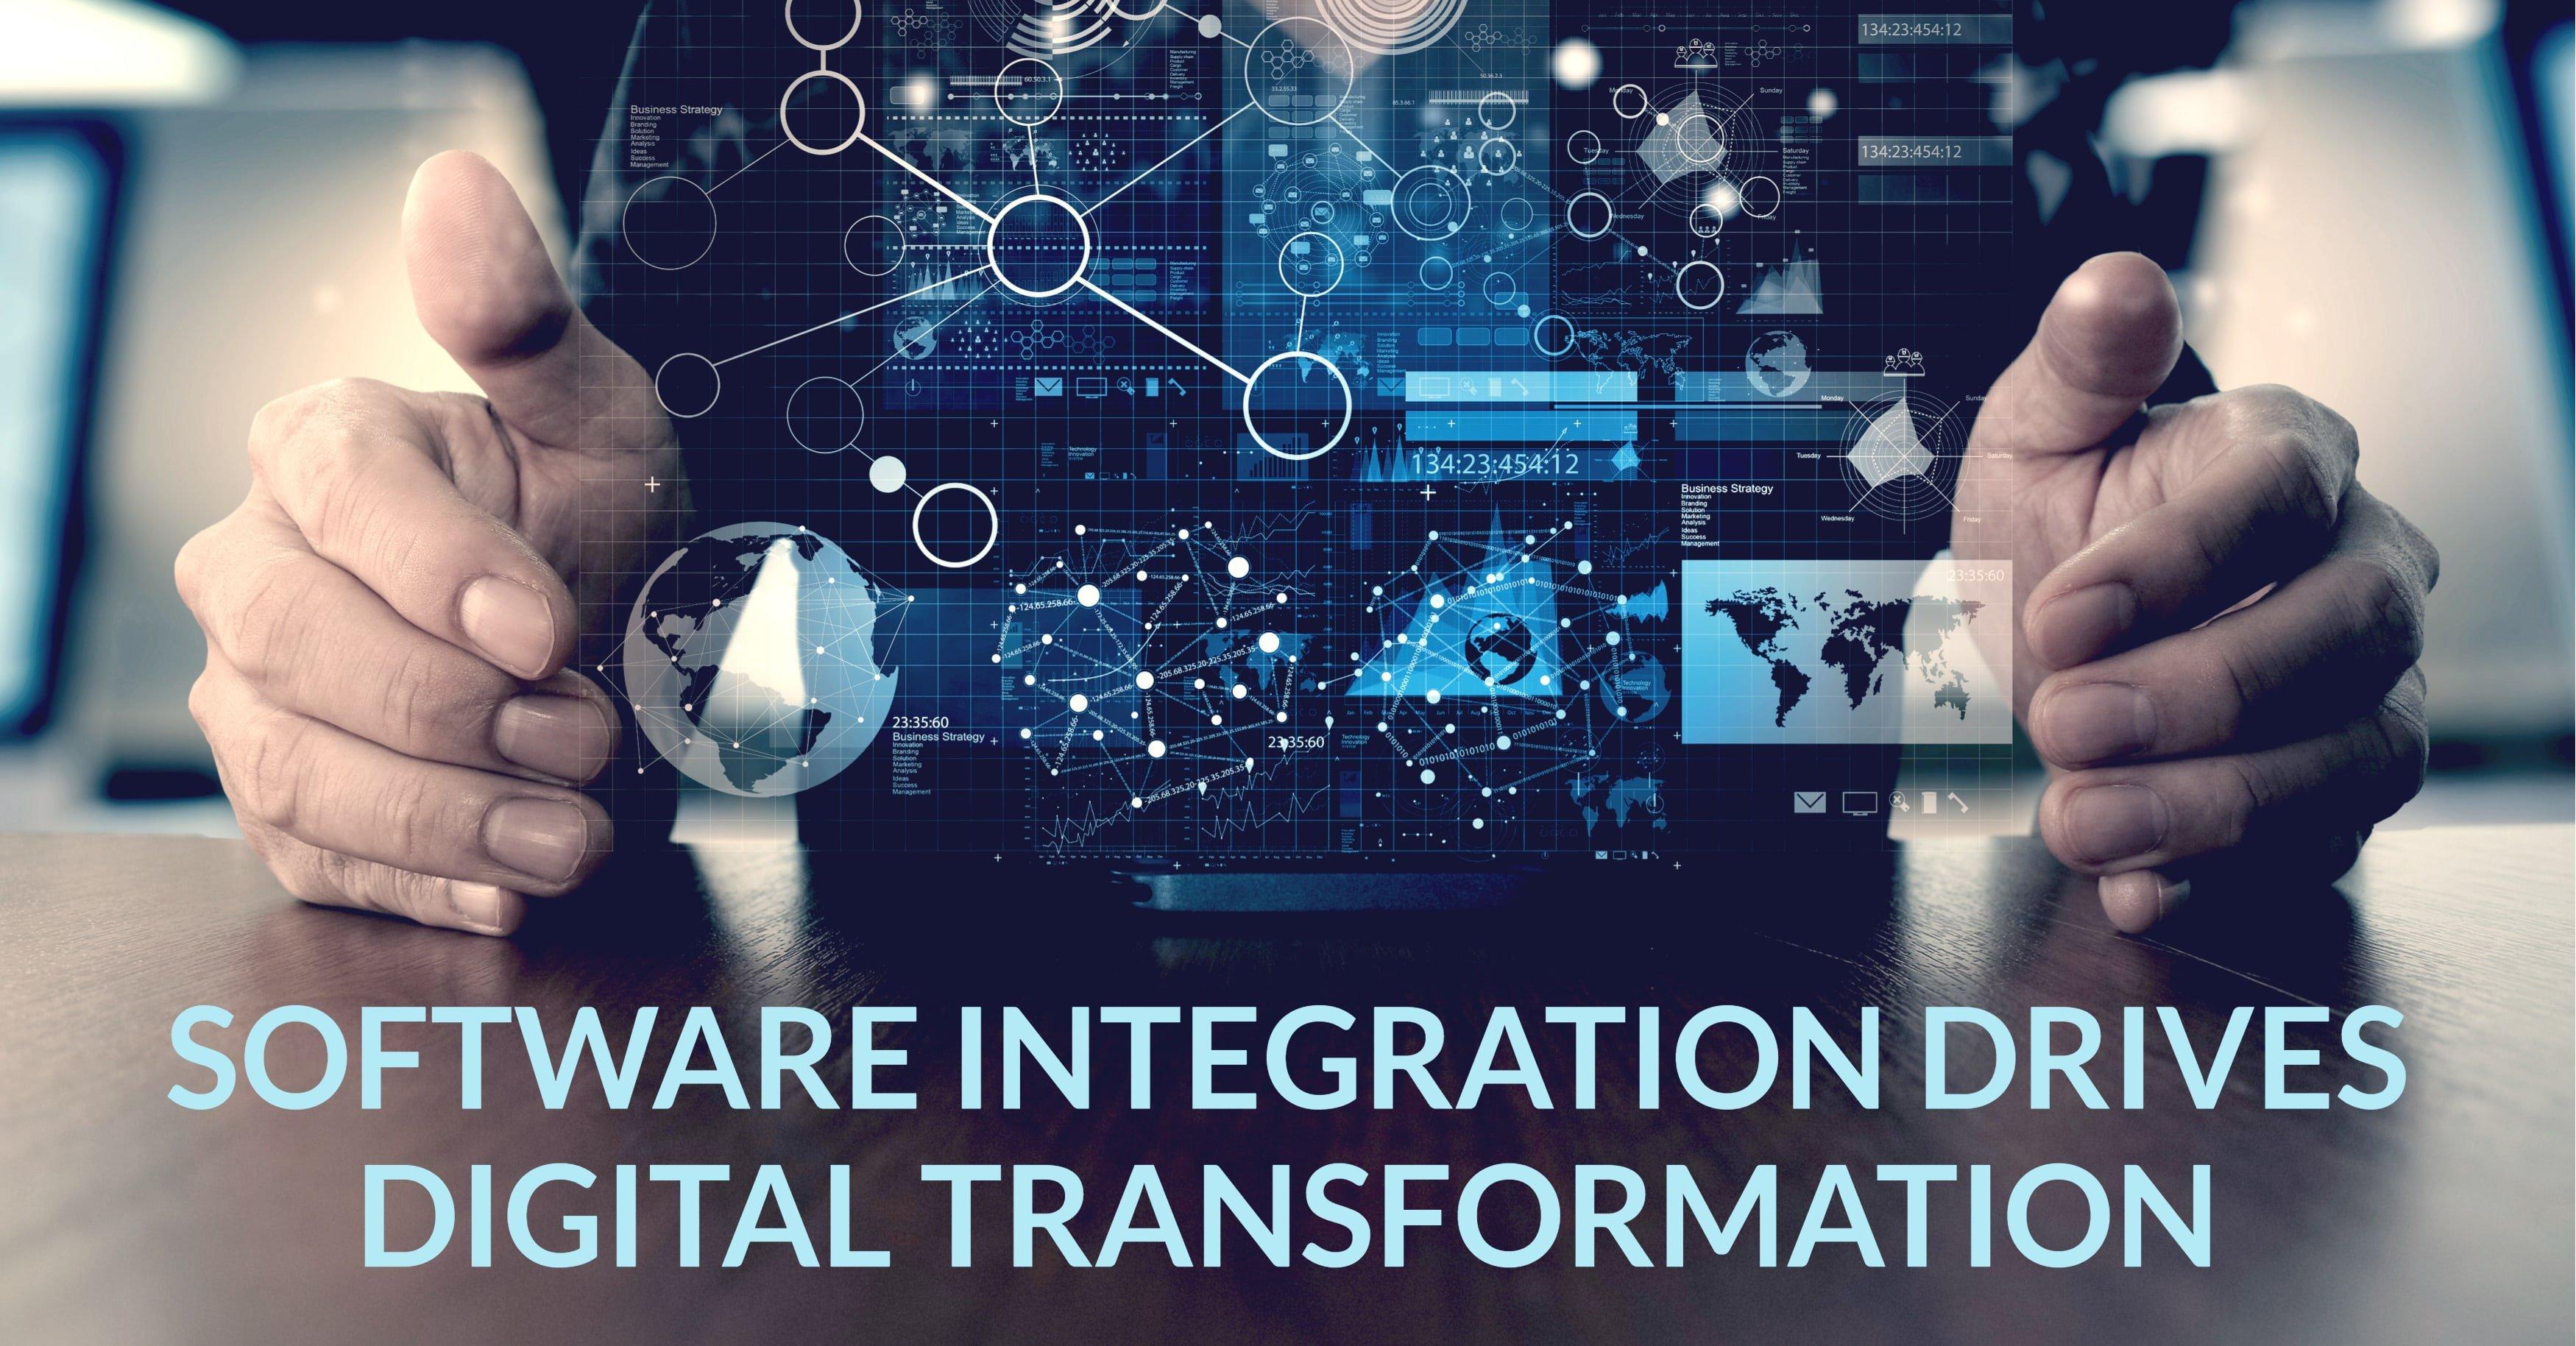 Software Integration Drives Digital Transformation